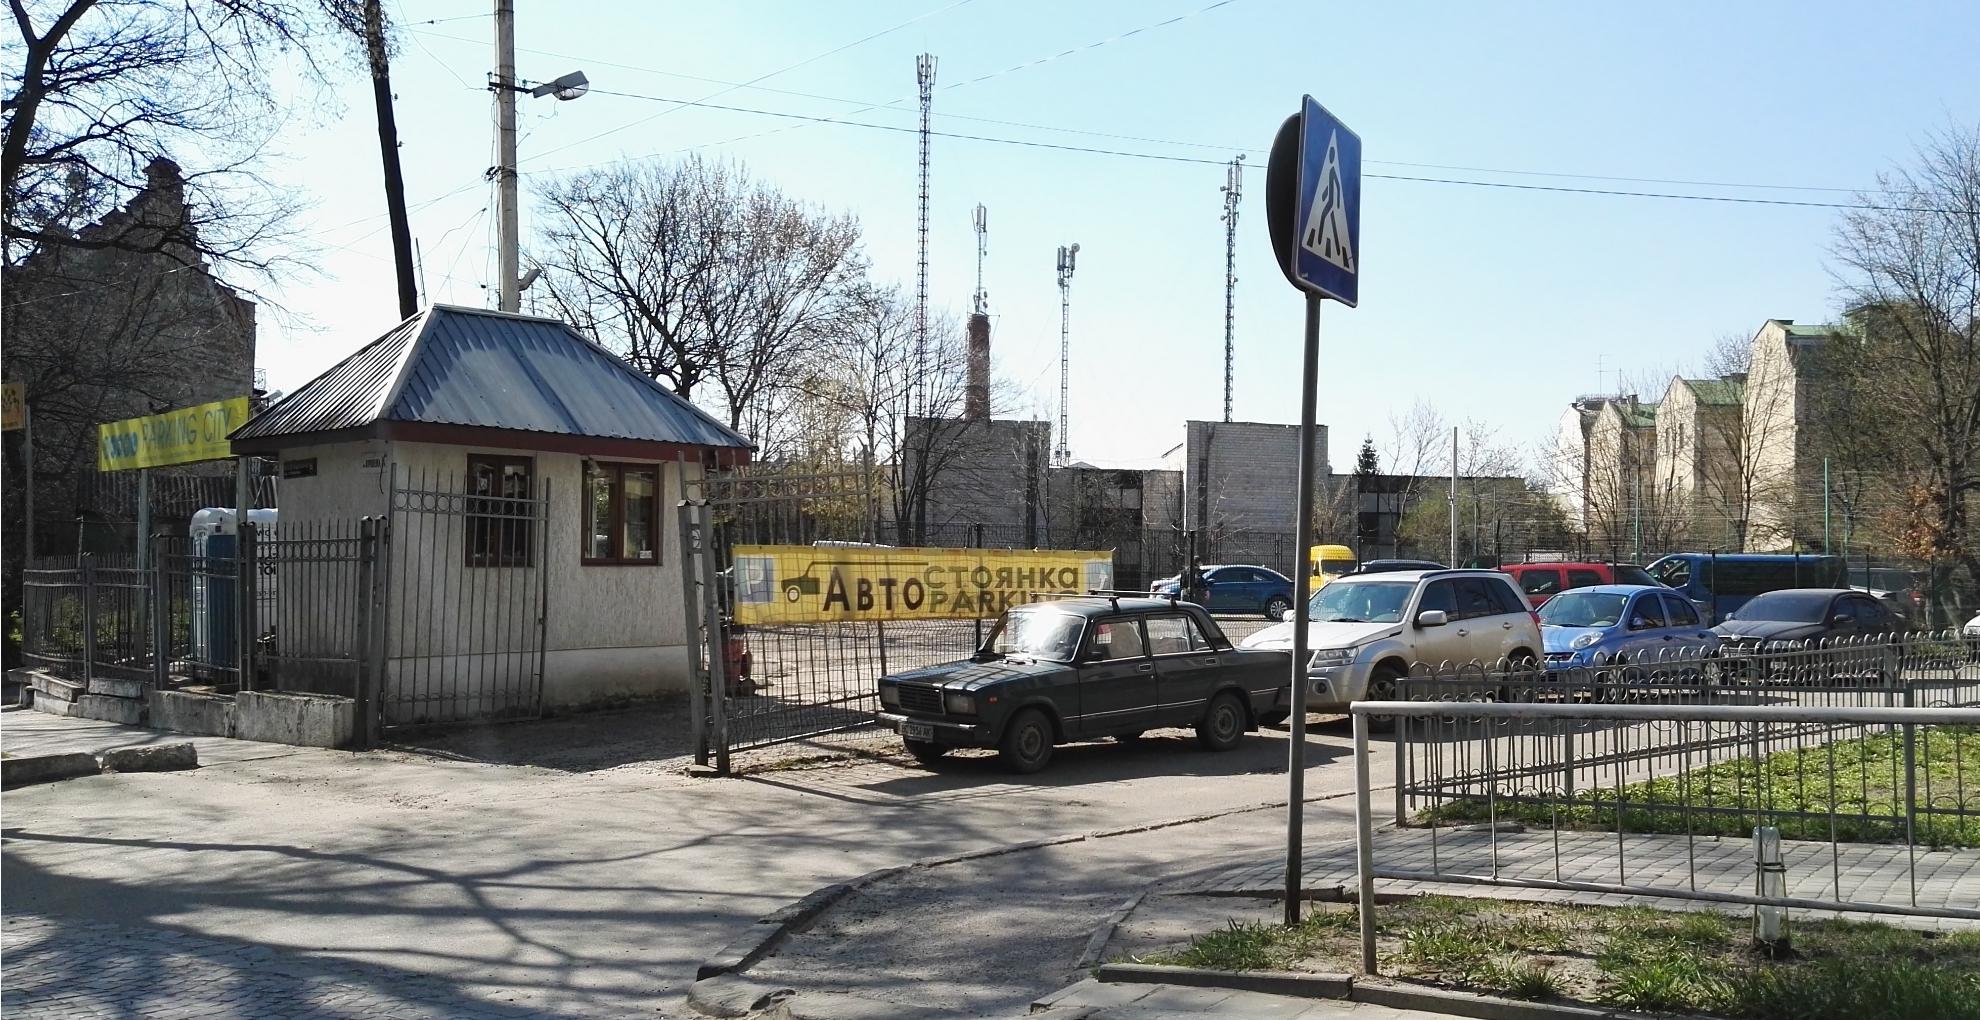 Tani parking strzeżony we Lwowie ul. Władimira Korolenki 8A